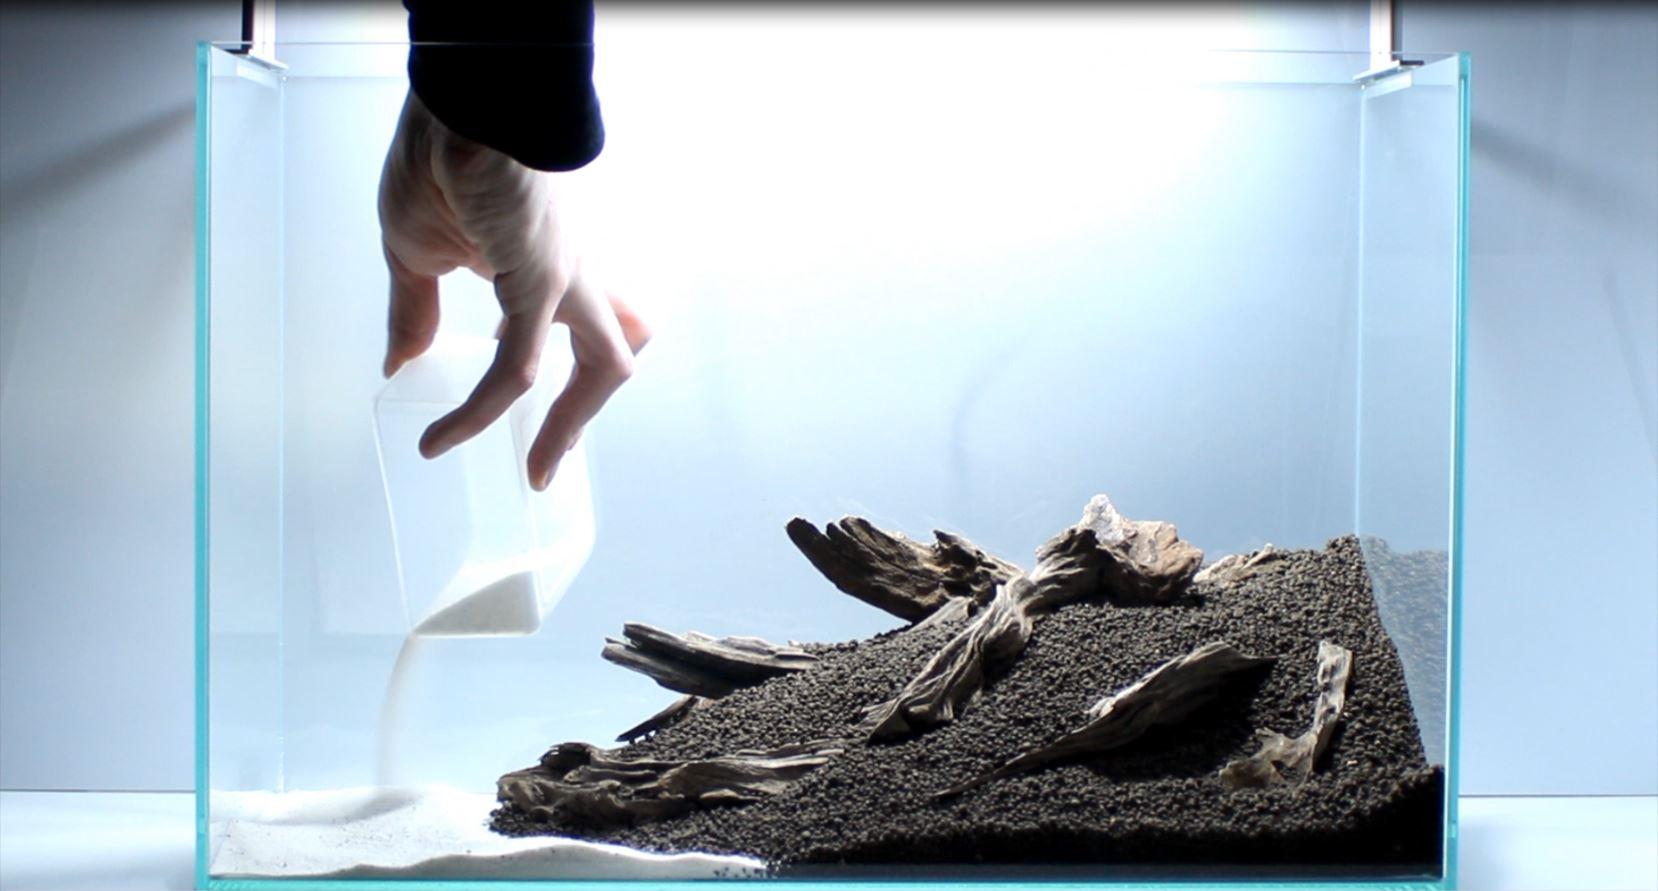 Sand im Vordergrund des Aquascaping ergibt einen sch?nen Ufereffeckt